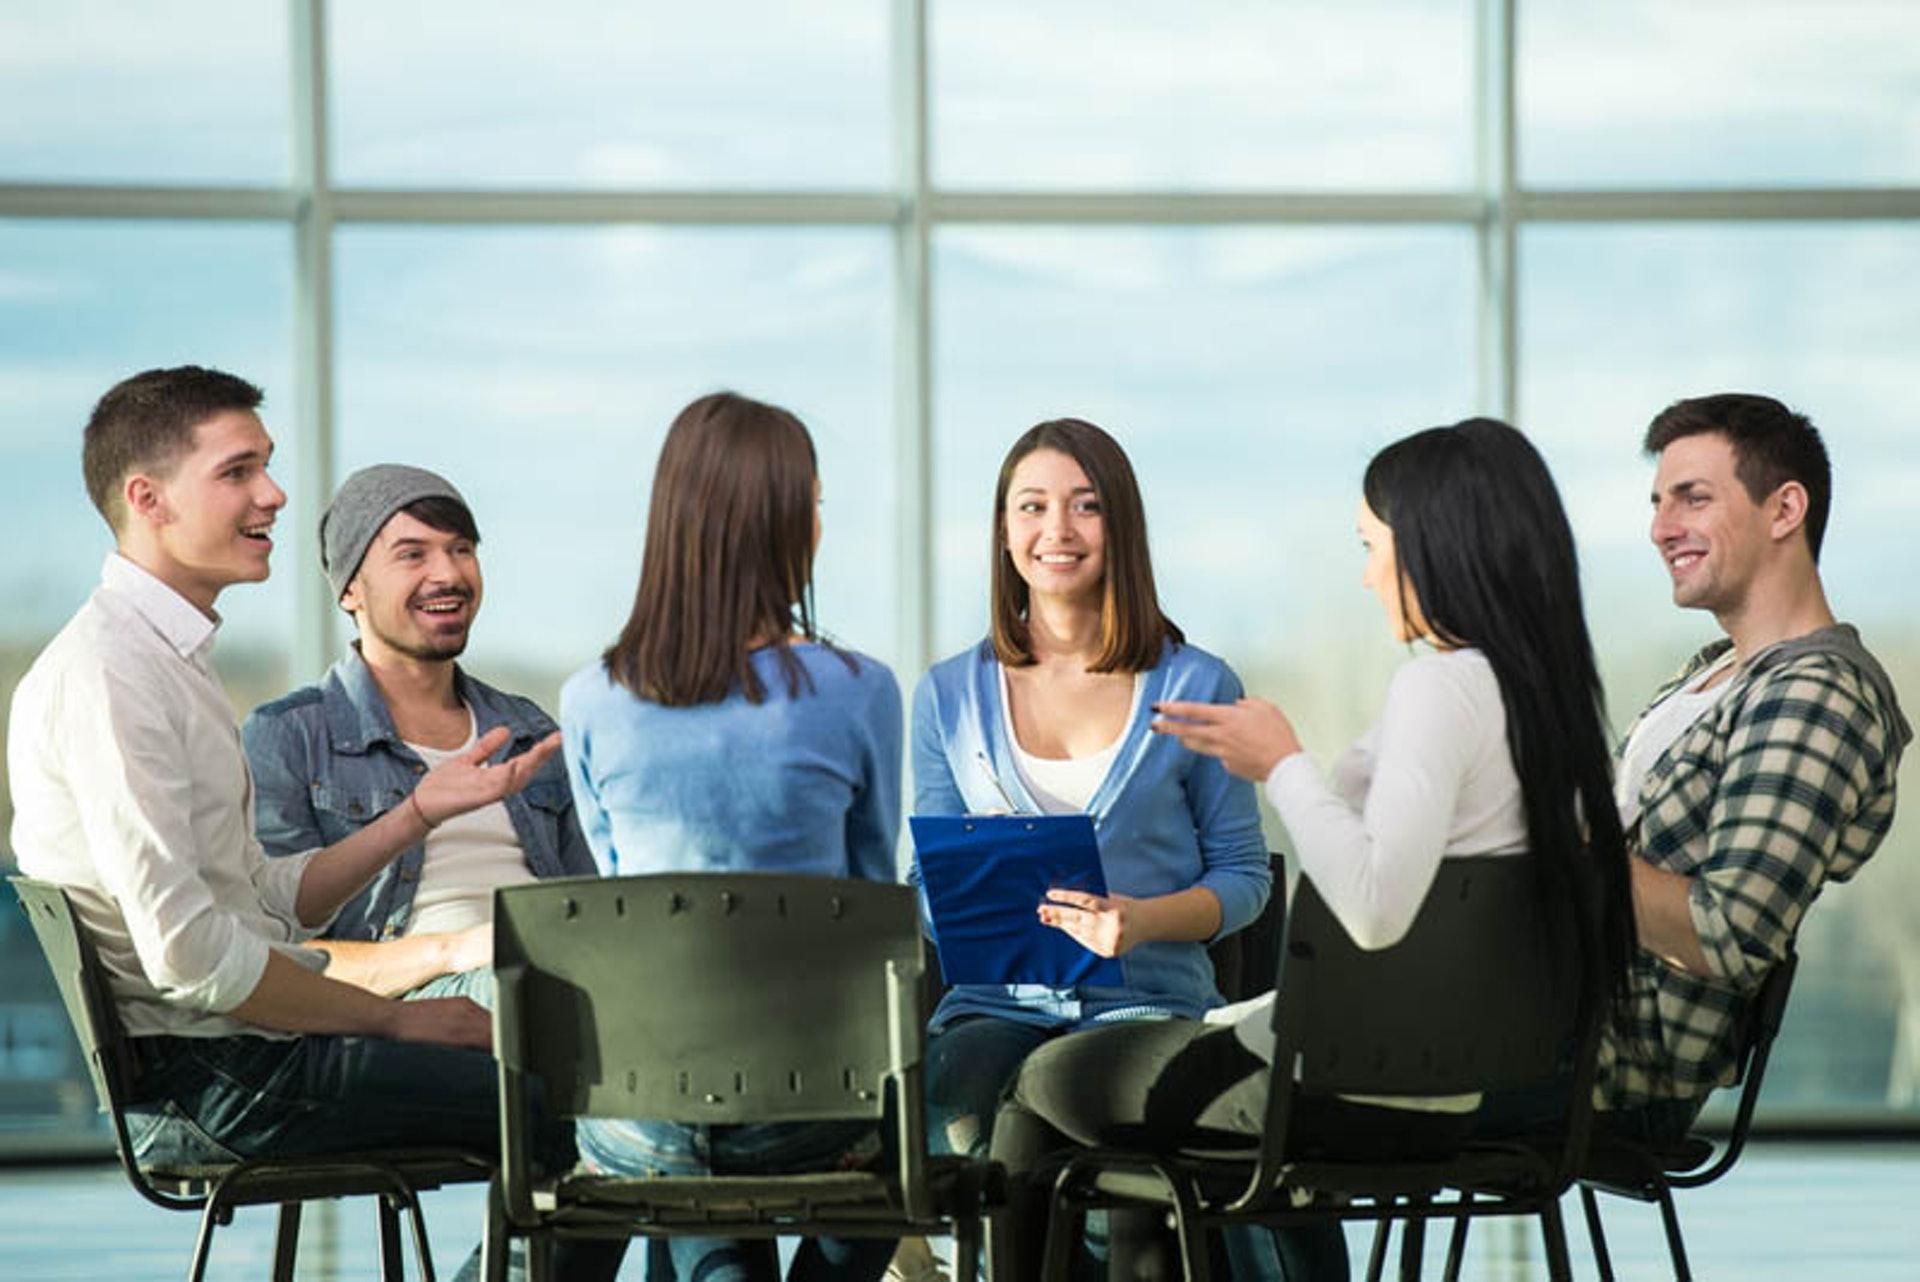 患者成立自助互助組織,讓同路人分享治療經驗,並且彼此鼓勵及支持。(圖片:intotheminds)